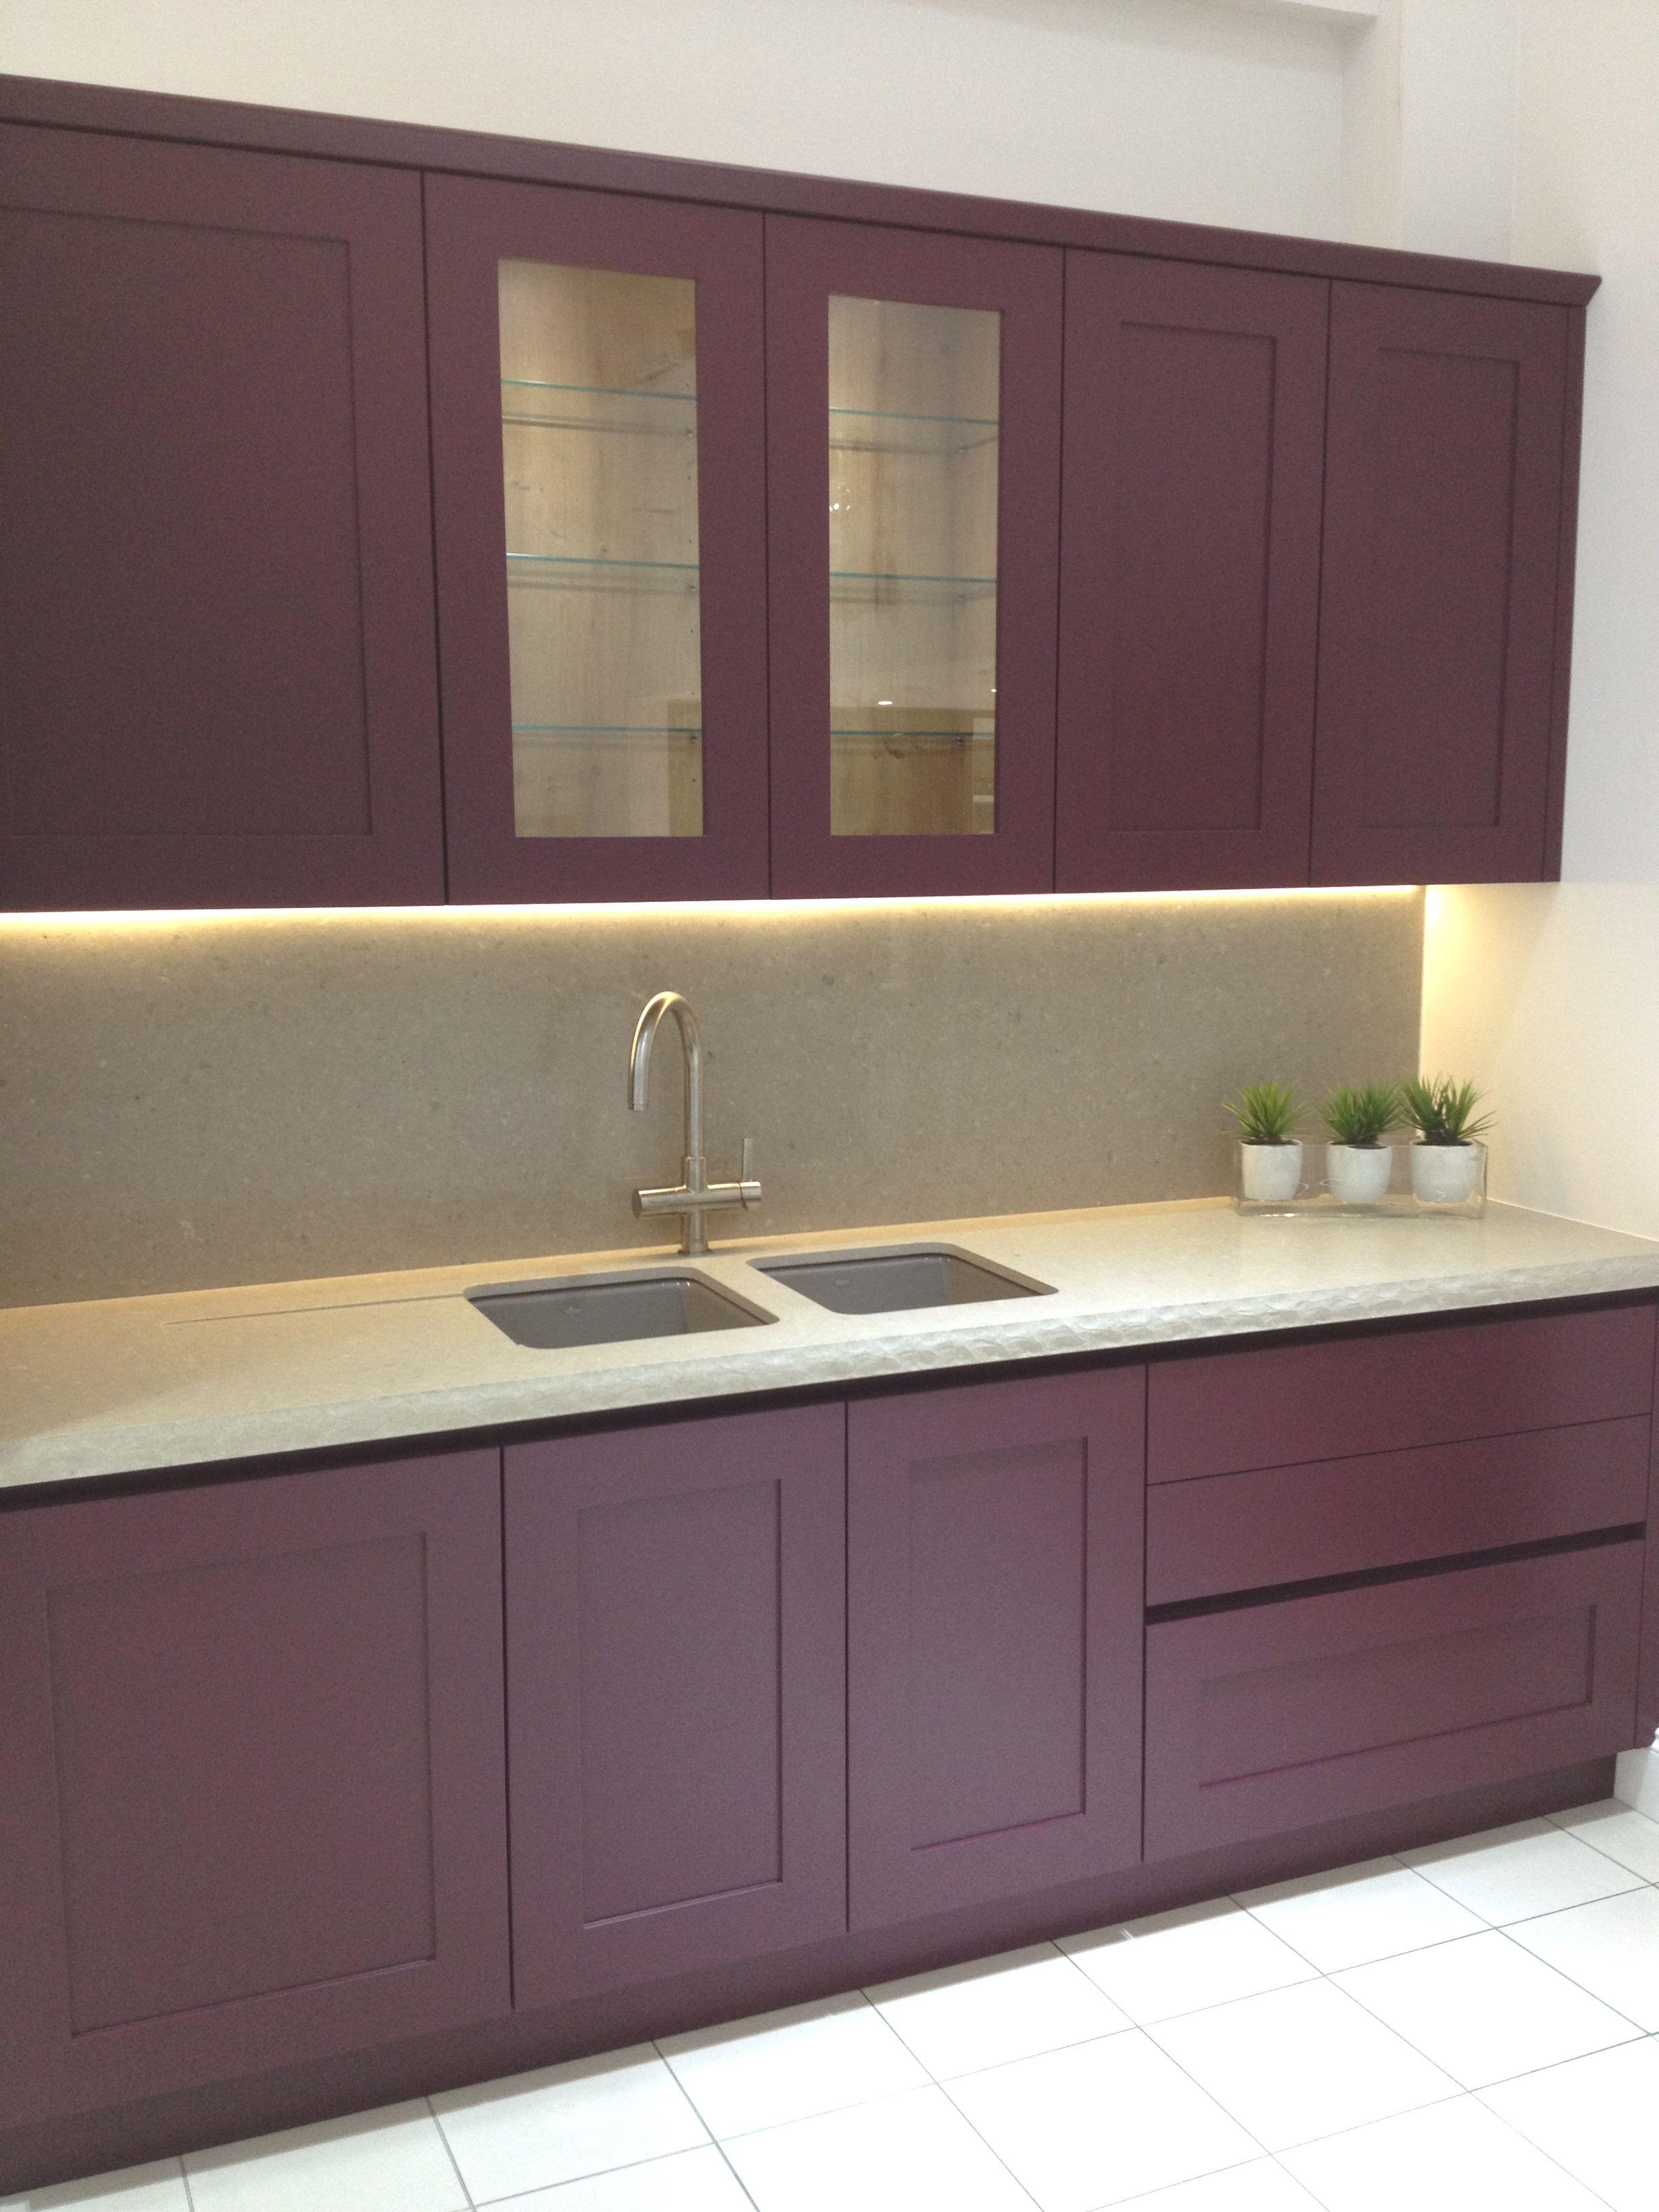 www.kitchen cabinets kitchen sink drain shaker culture http www co uk